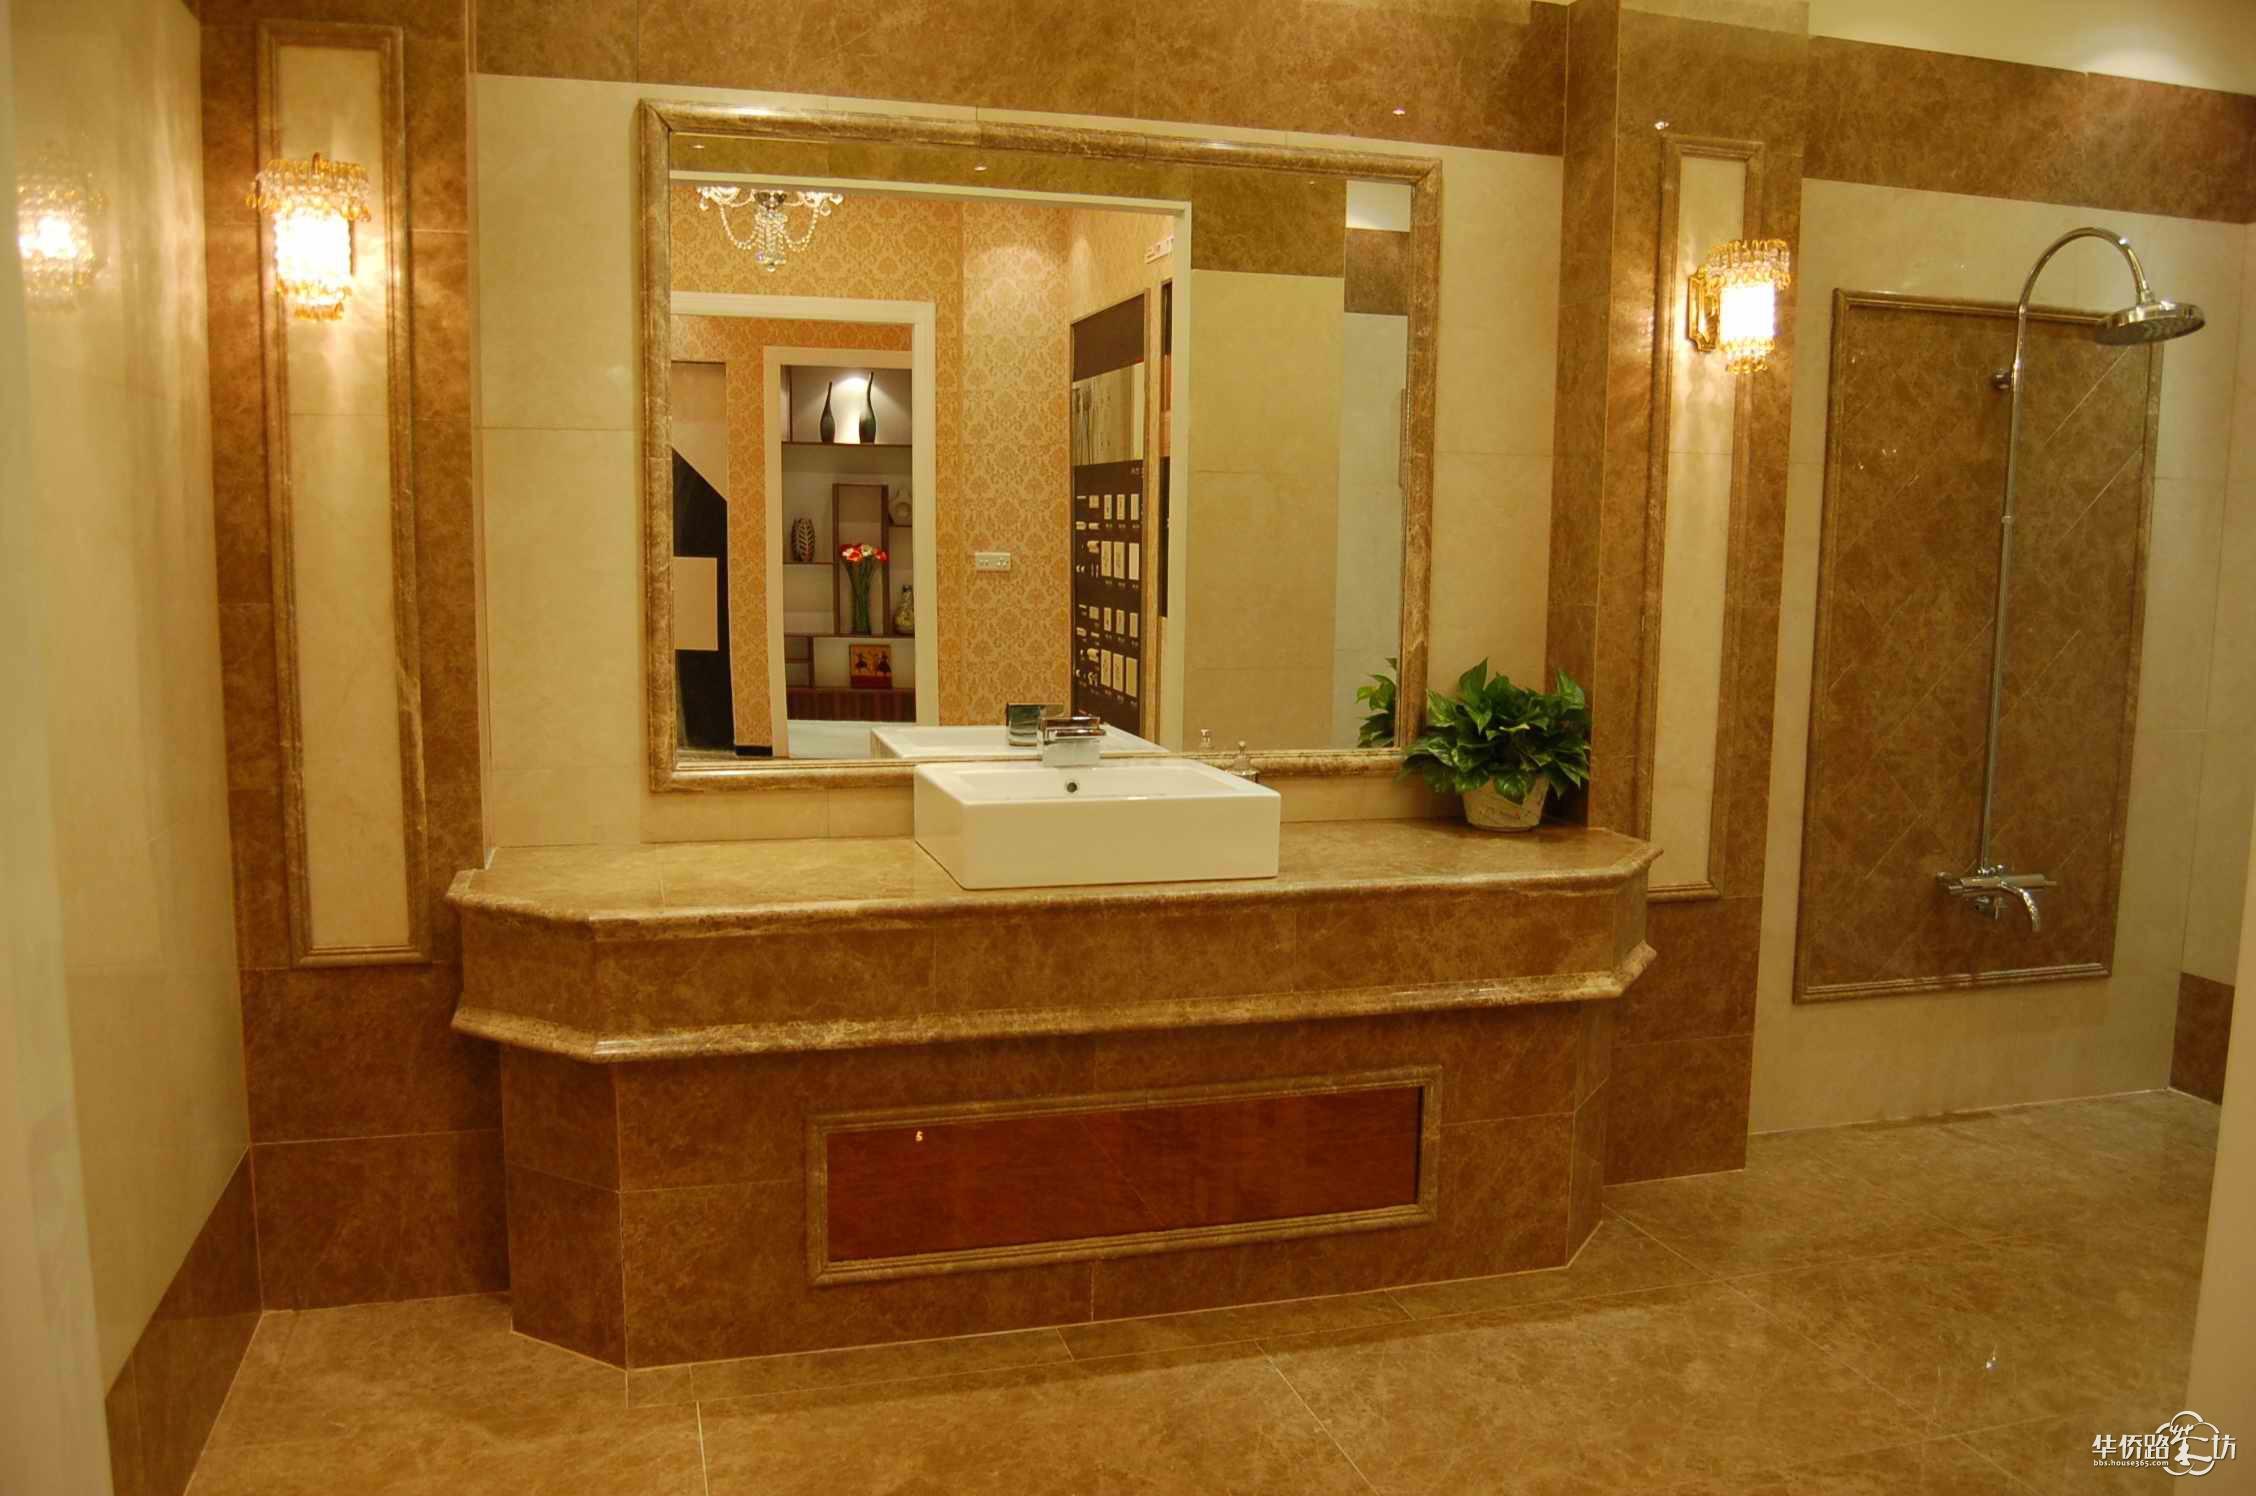 大理石在家装中常被当作陪衬品,如客厅地面的拼花、楼梯的踏板、窗台的台面、卫生间台面等。当然,假如点缀得当,,一样可以披发出大理石的独特色泽。但是目前市场上不同的花纹与质感运用在不同的空间中石材产品质量良莠不齐,对于加工好的成品饰面石材,其质量好坏可以从众博装饰提供的以下四个方面来鉴别:  一观,即肉眼观察石材的表面结构。一般来说,平均的细料结构的石材具有细腻的质感,为石材之佳品;粗粒及不等粒结构的石材其外观效果较差。另外,石材因为地质作用的影响常在其中产生一些细微裂痕,石材最易沿这些部位发生破裂,应留意甄